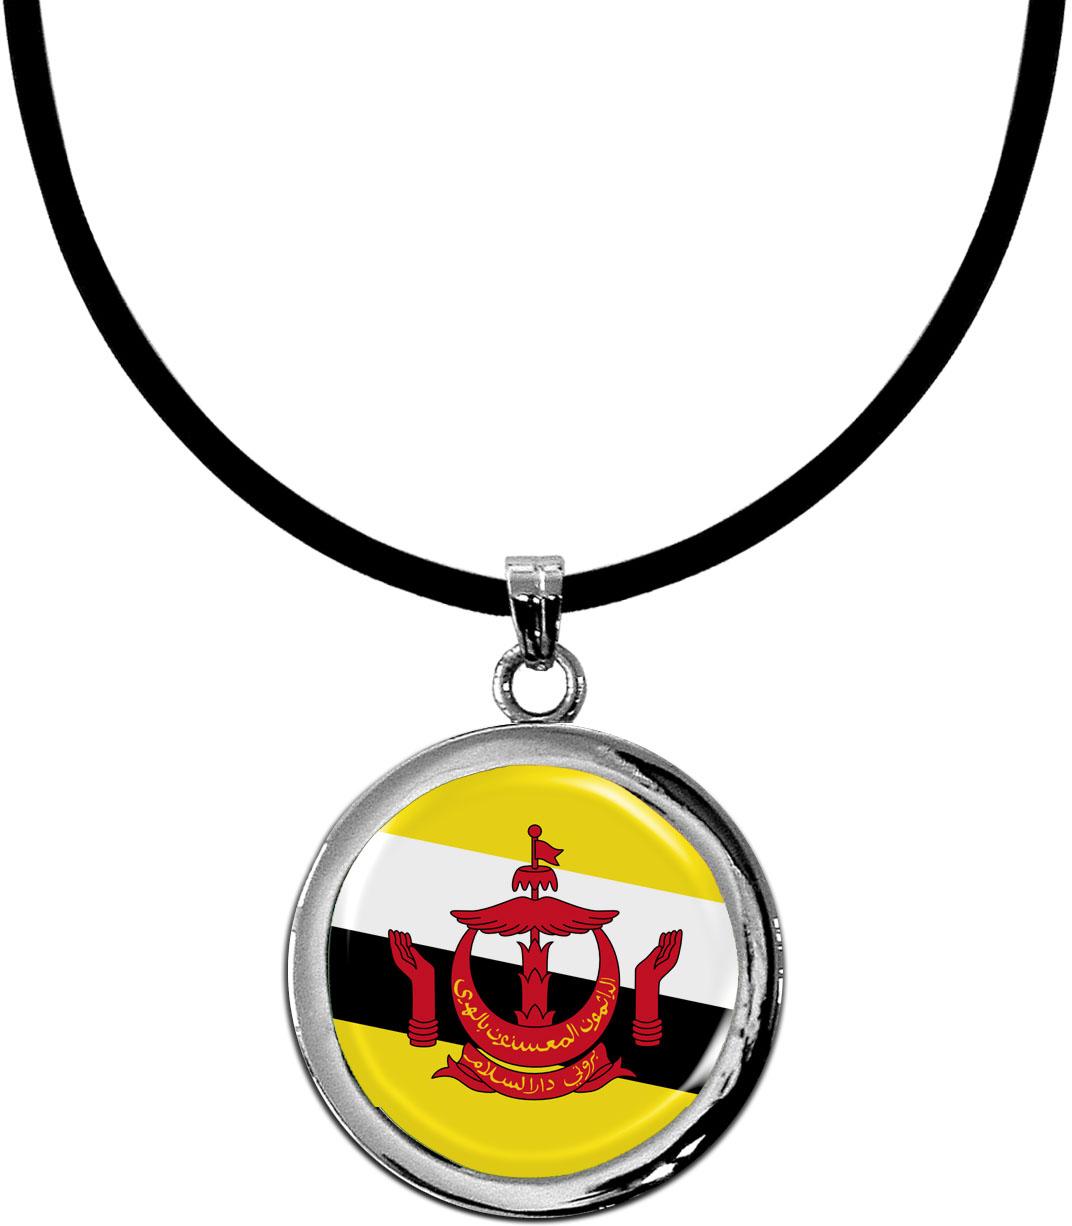 Kettenanhänger / Brunei Darussalam / Silikonband mit Silberverschluss